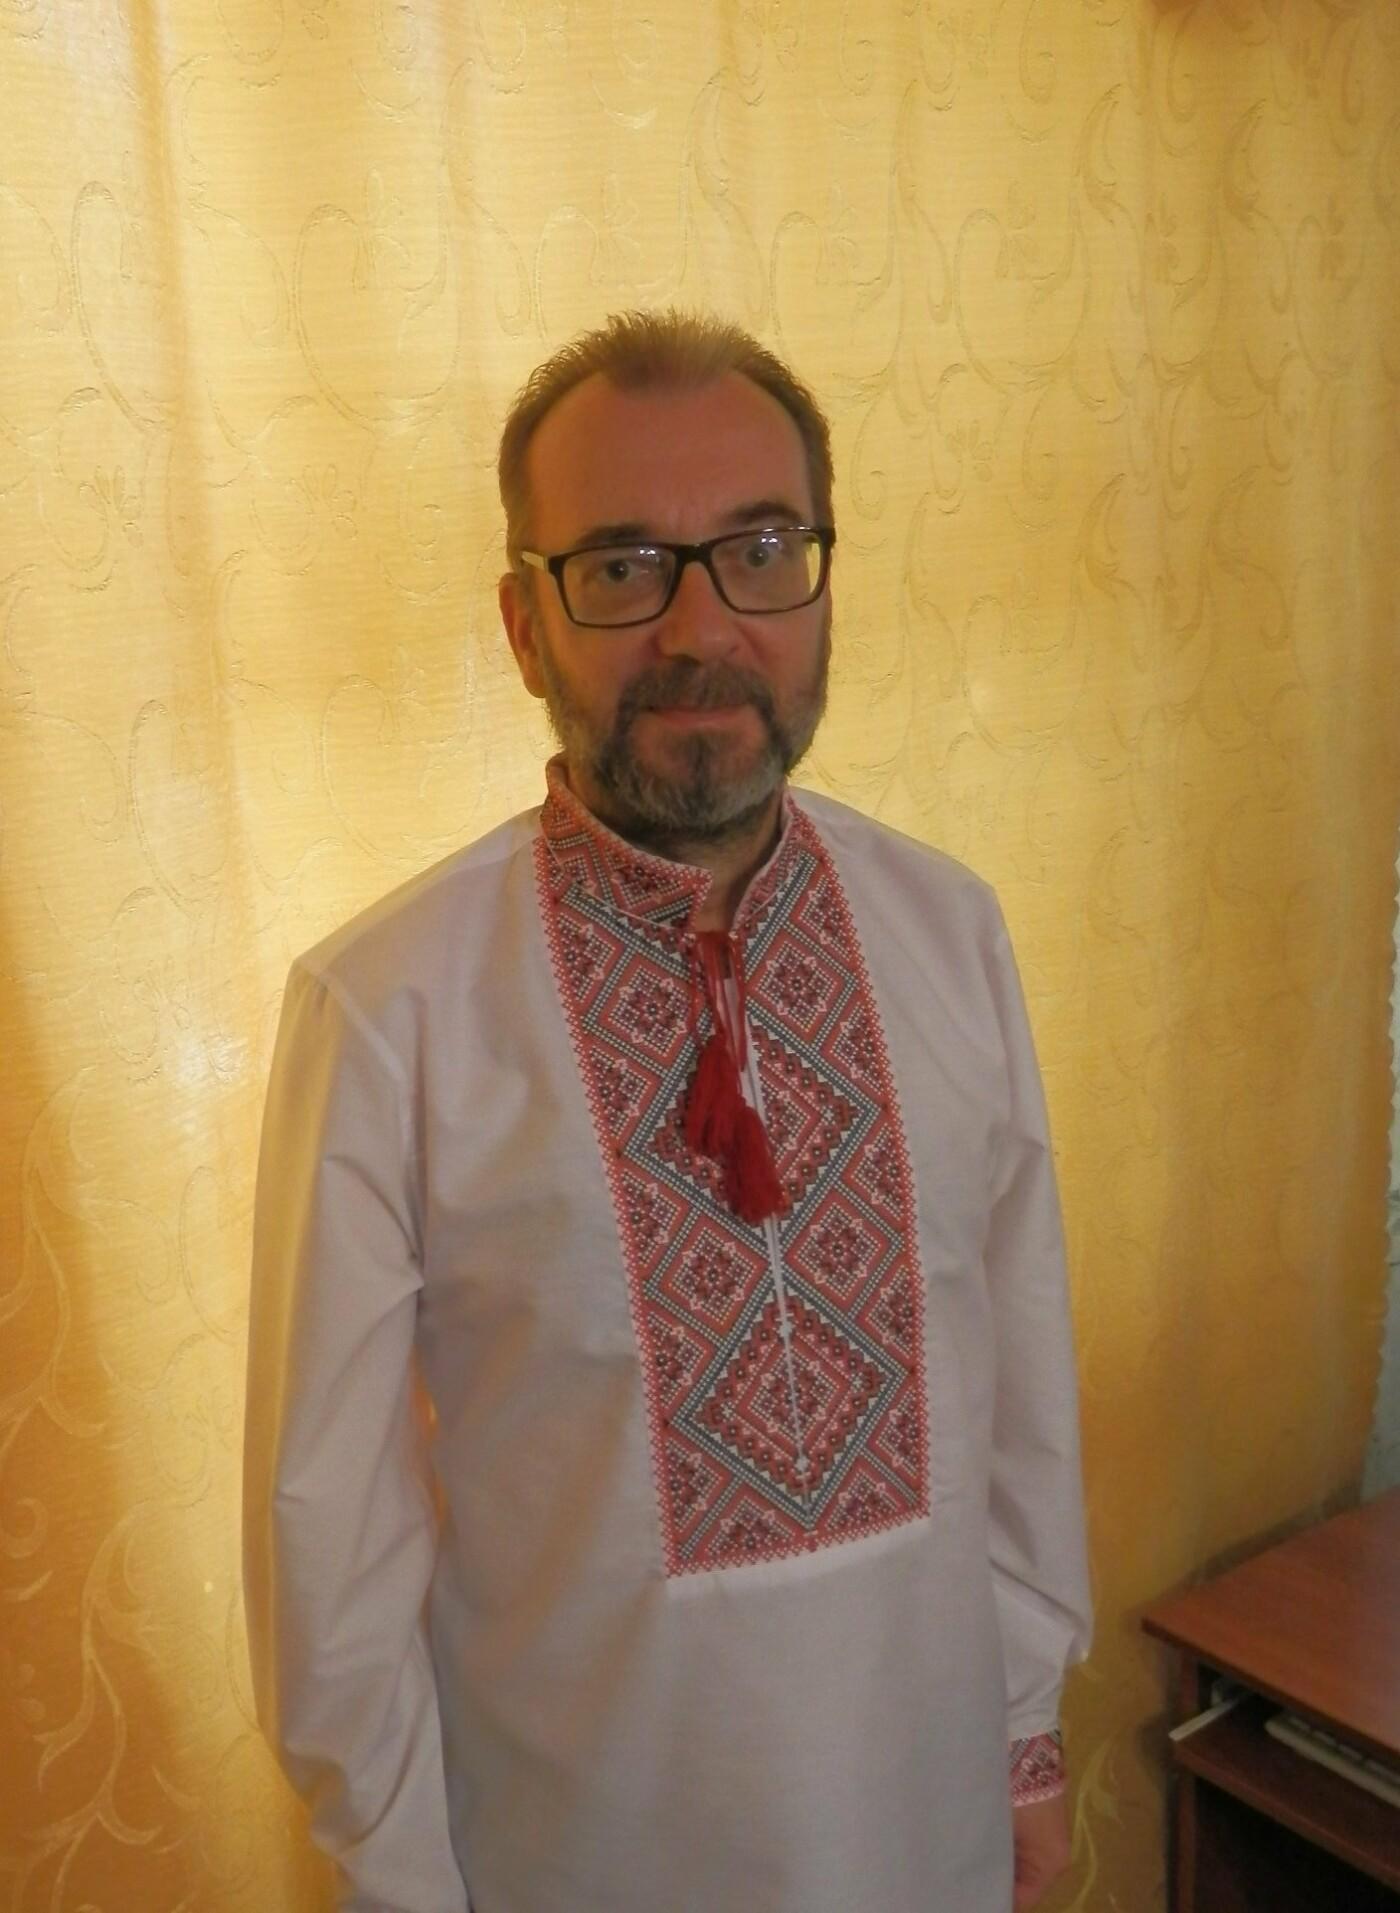 Протоиерей  Виталий Юренко: «Главное, что нужно усопшим - это наша искренняя молитва», фото-4